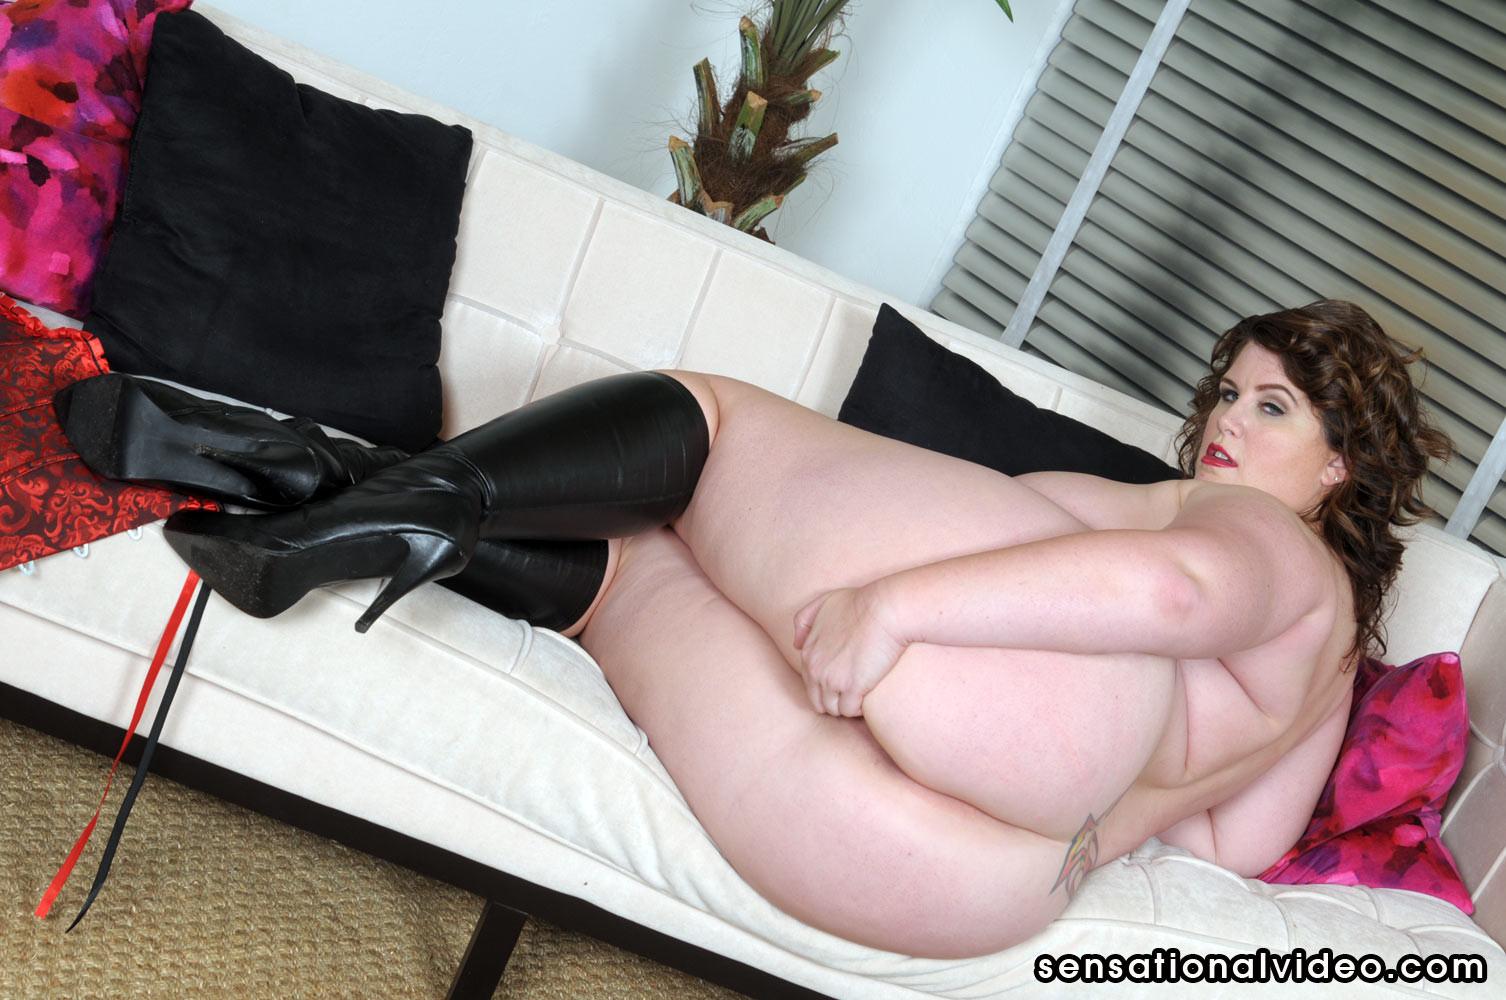 Women licking man ass porn